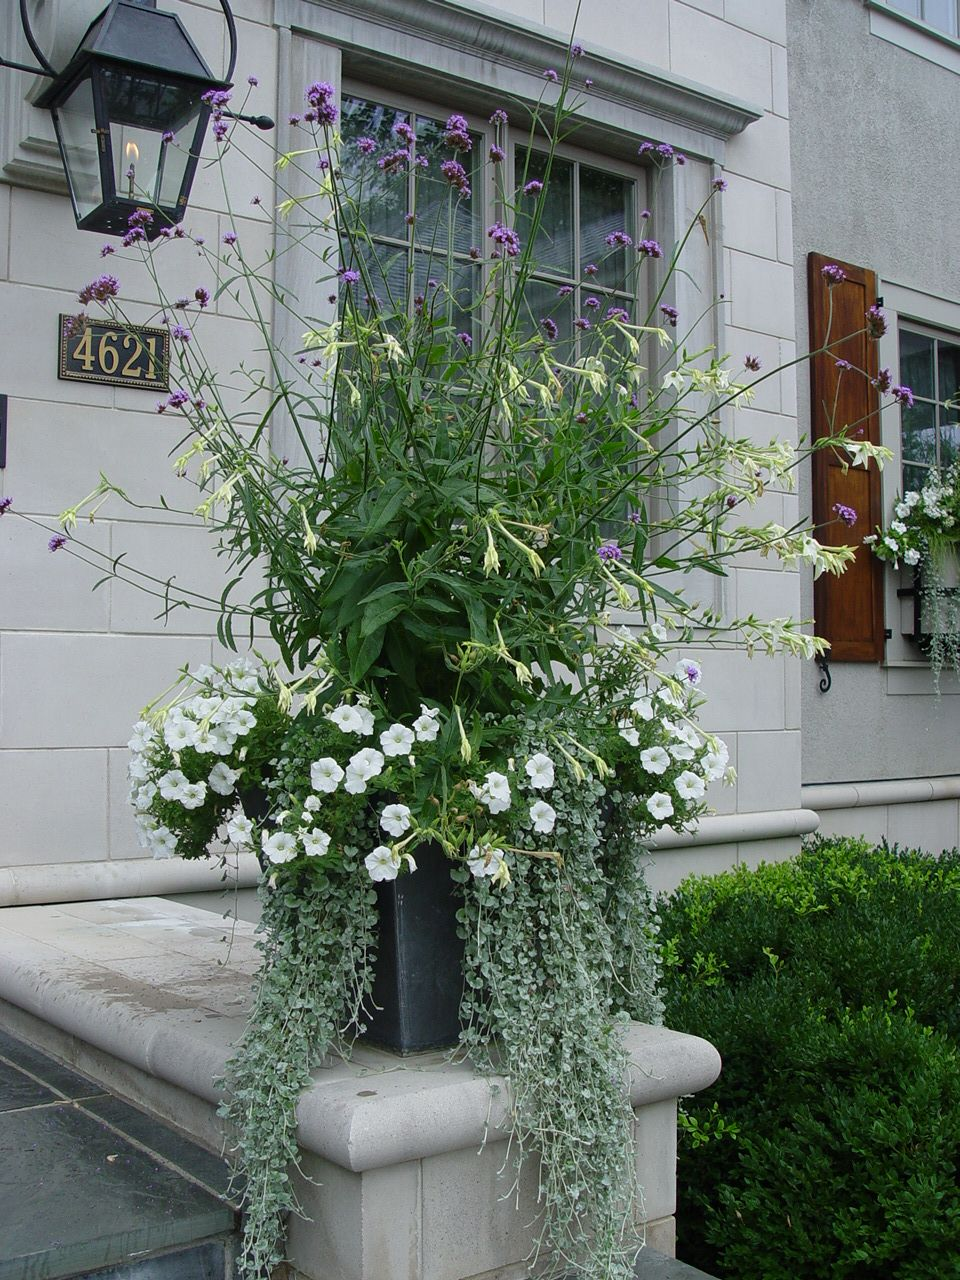 White Nicotiana Verbena Bonariensis Petunias And